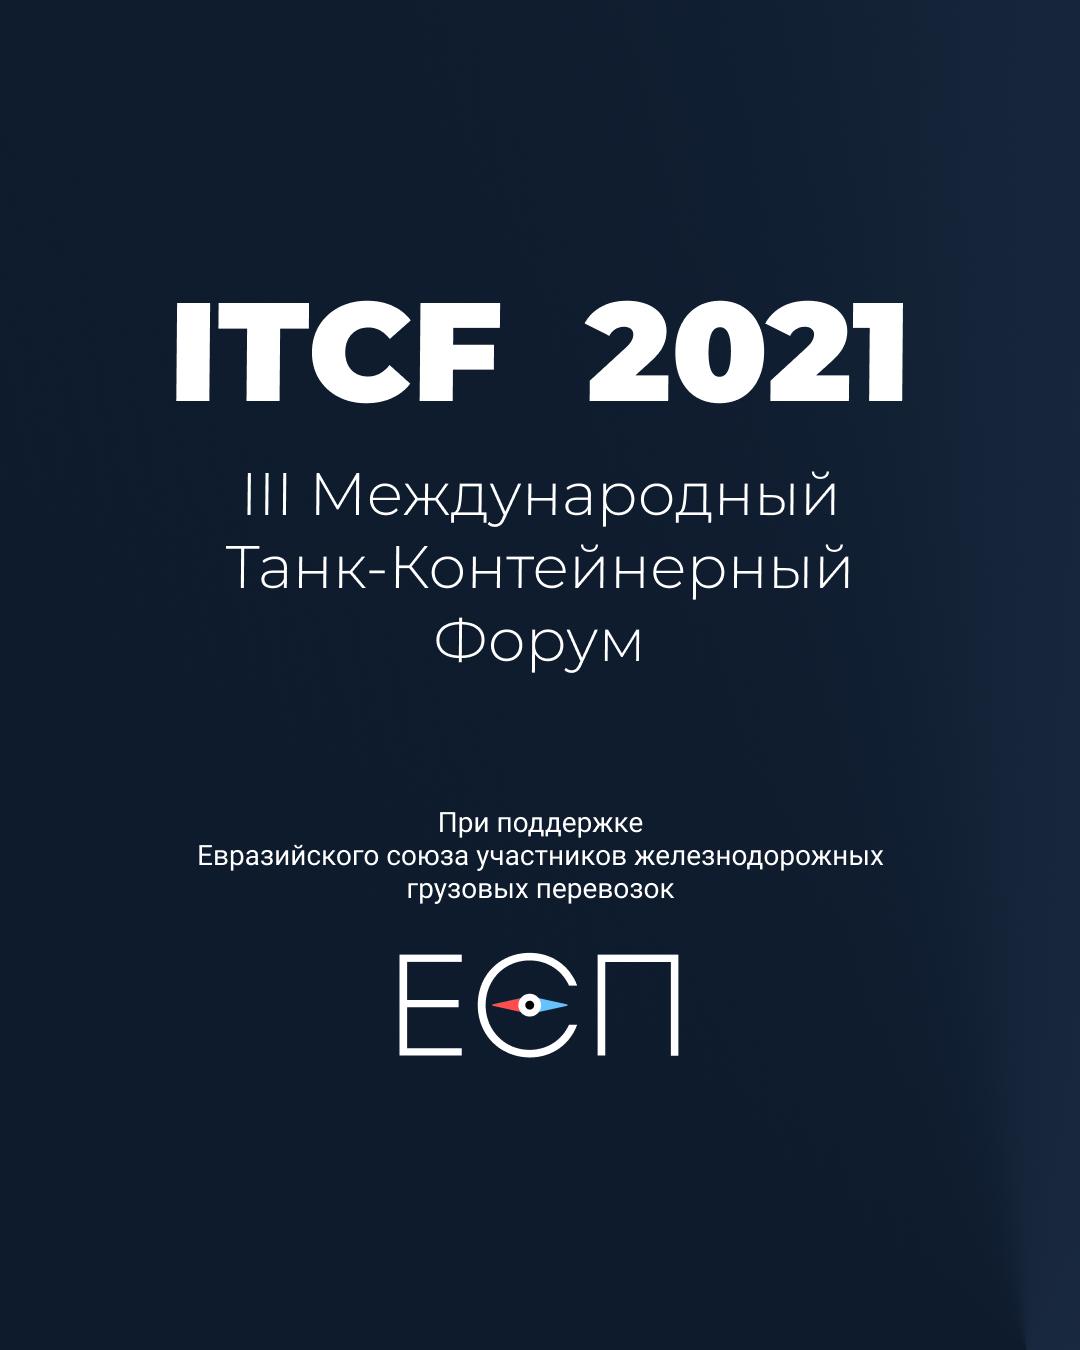 ЕСП поддержит ITCF-2021